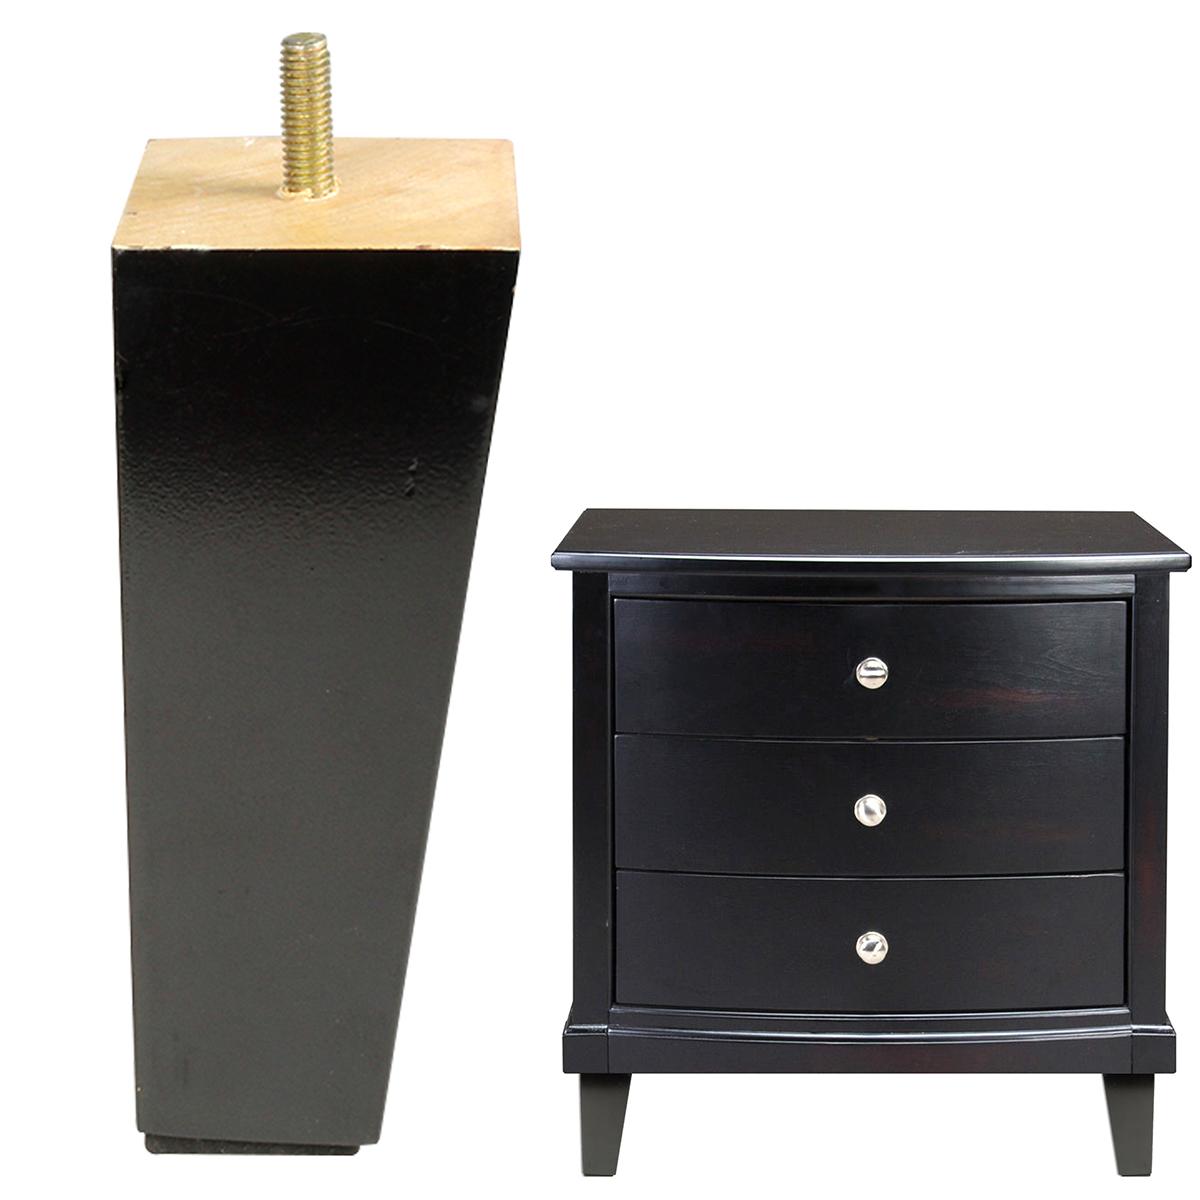 4x holz m belf e tischbeine f r sofa couchtisch tv bank sessel hocker r camiere. Black Bedroom Furniture Sets. Home Design Ideas